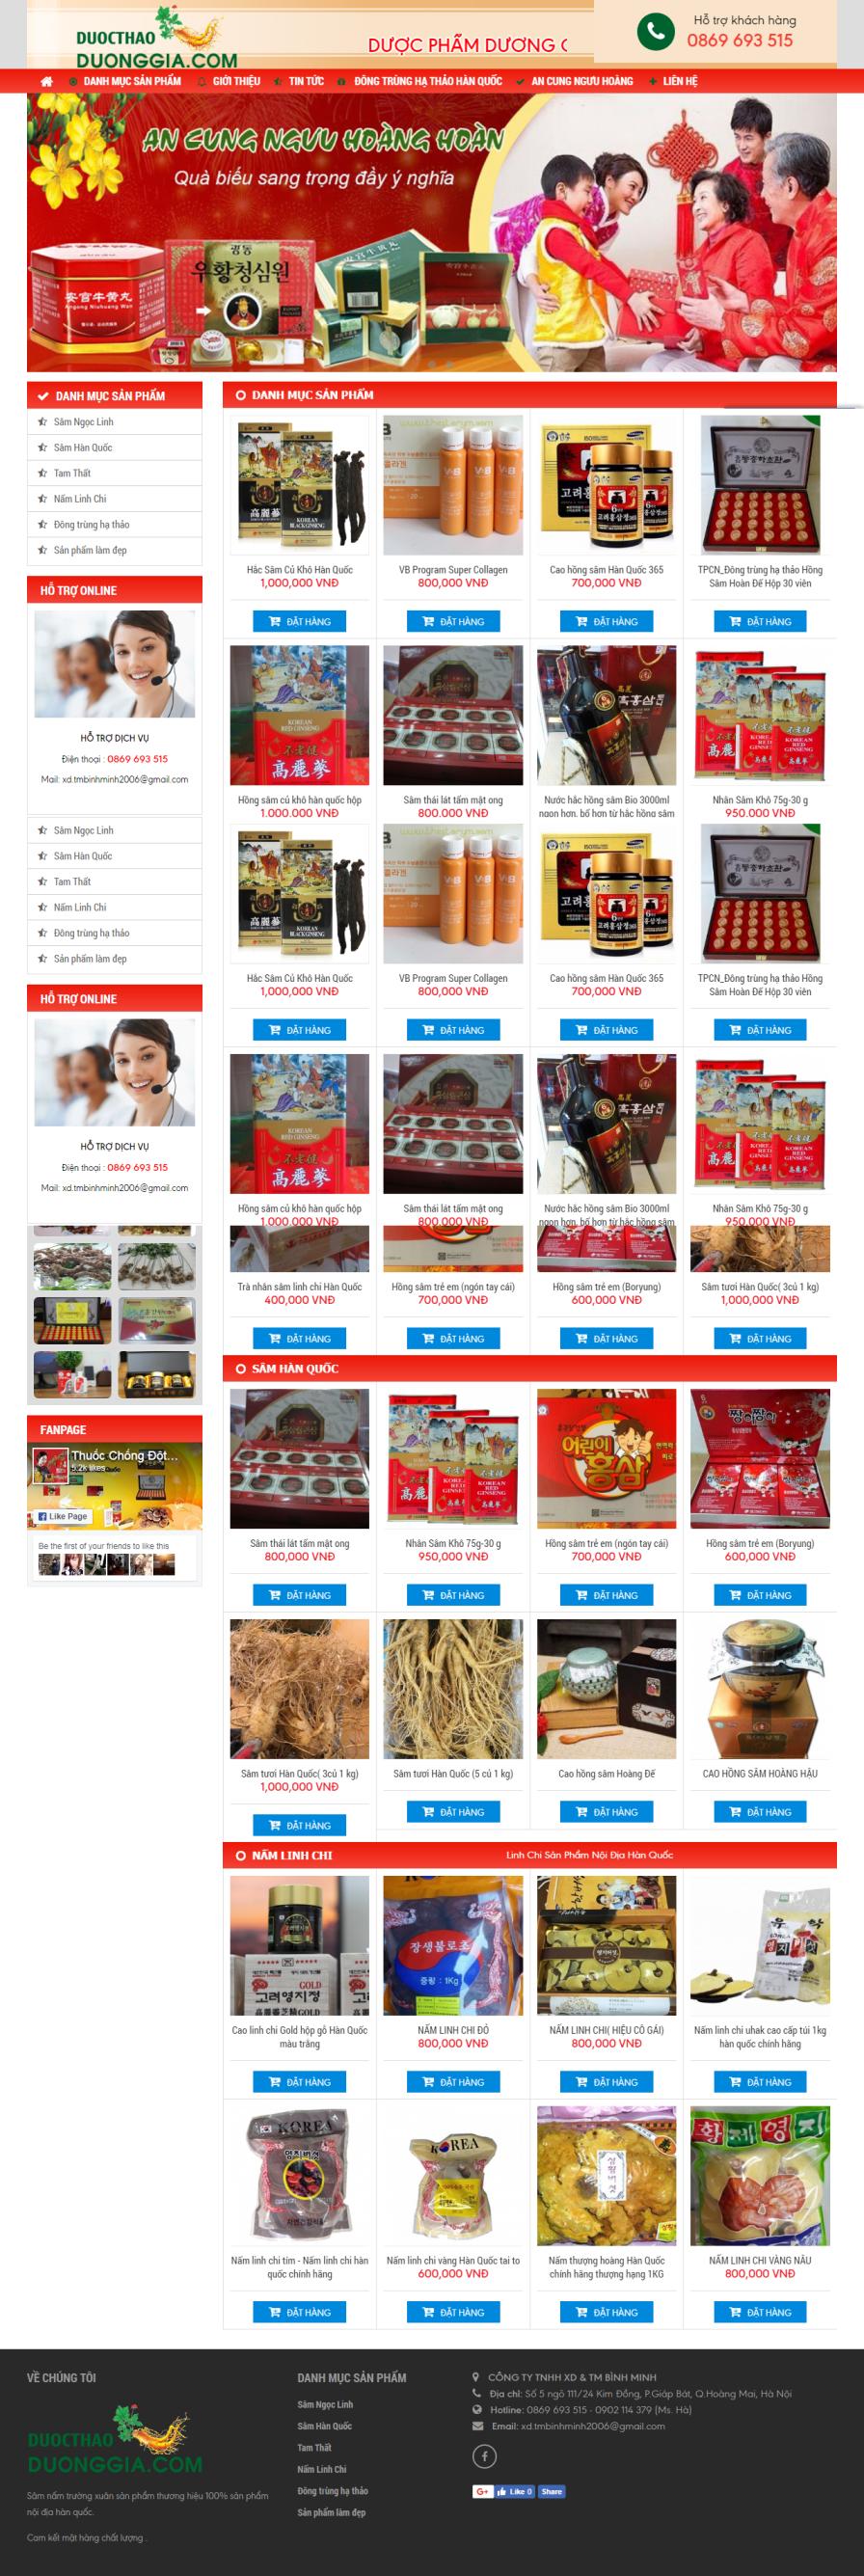 Thiết kế web giá rẻ bán nhung hươu